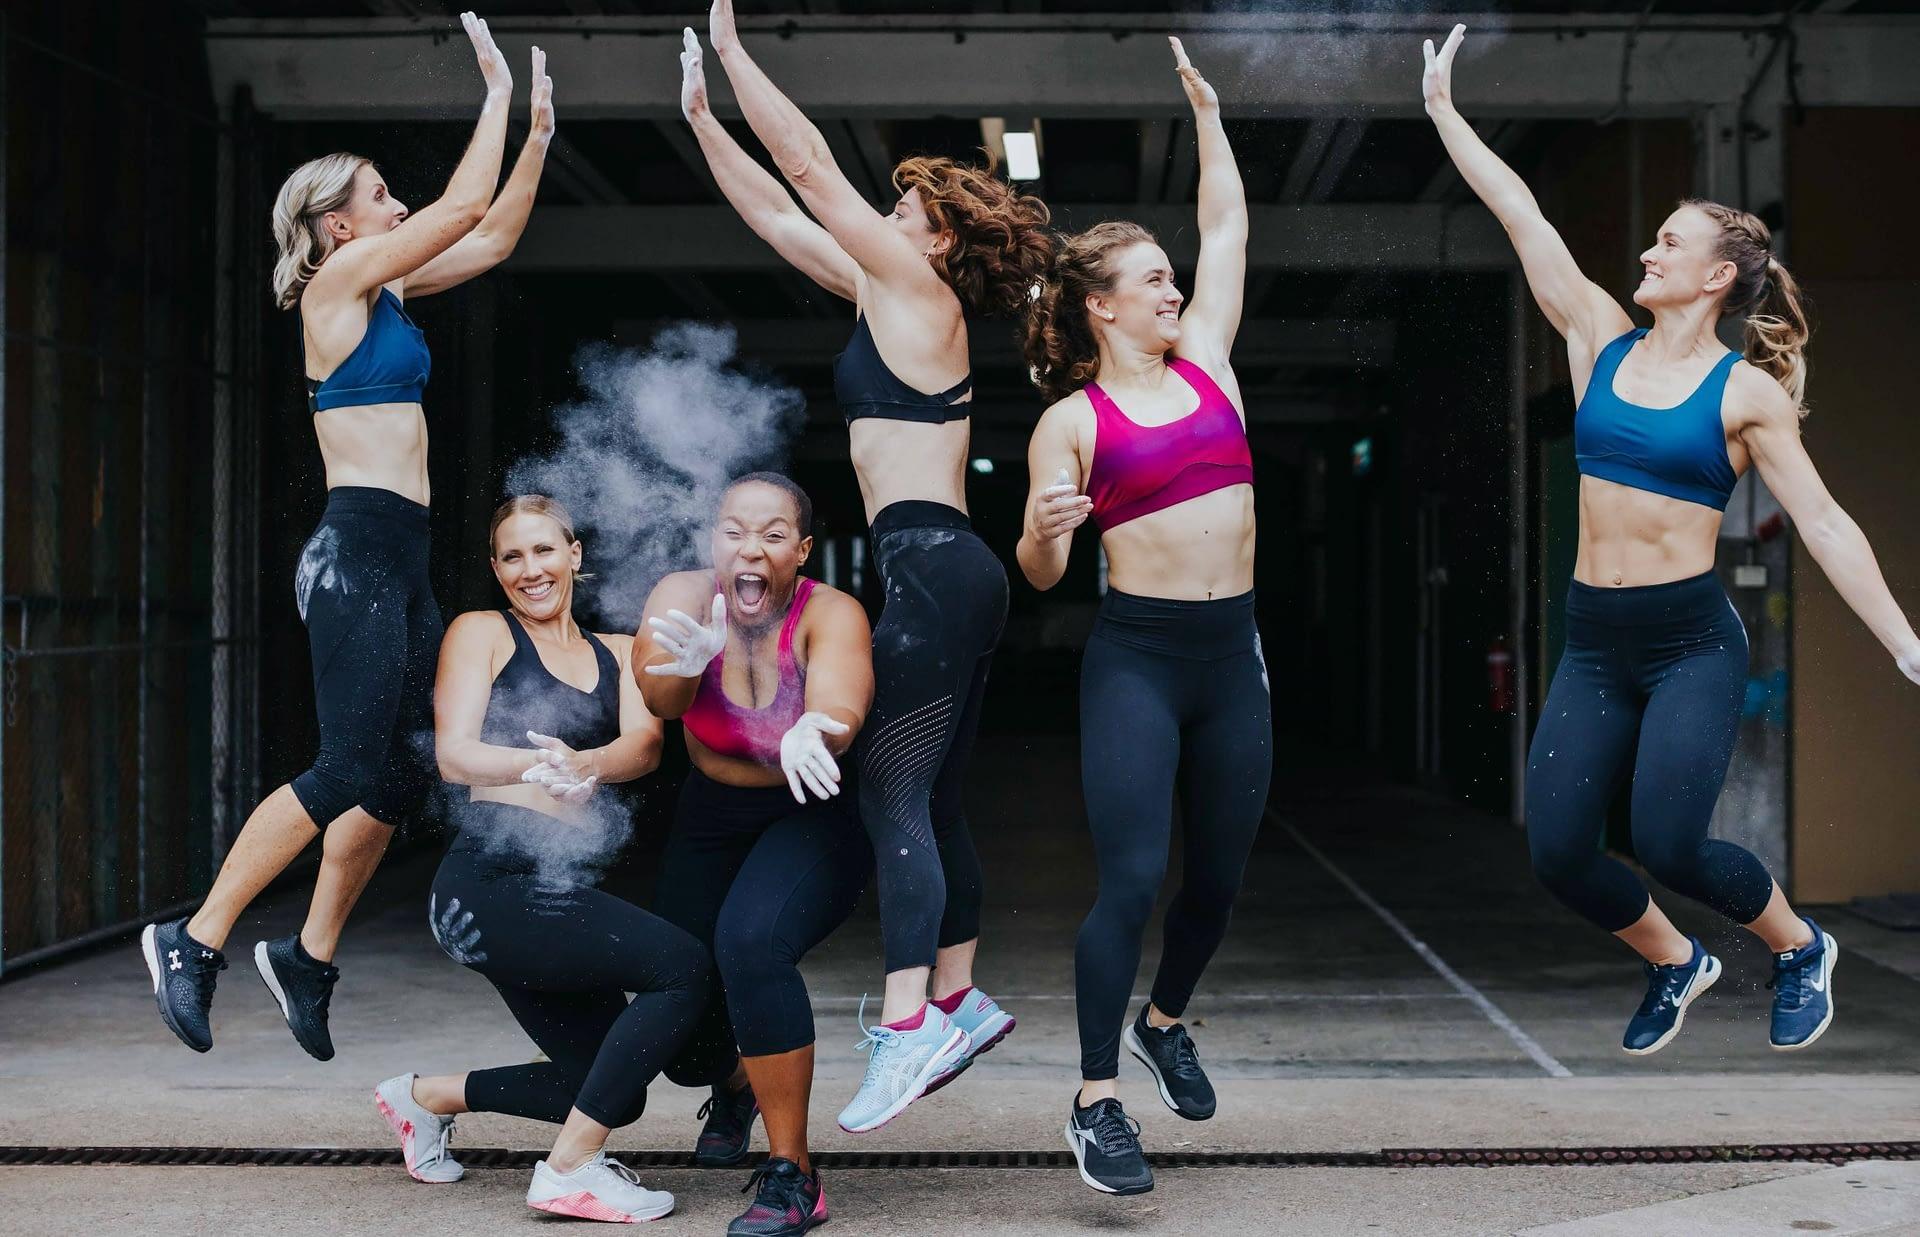 women in sports bras high fiving